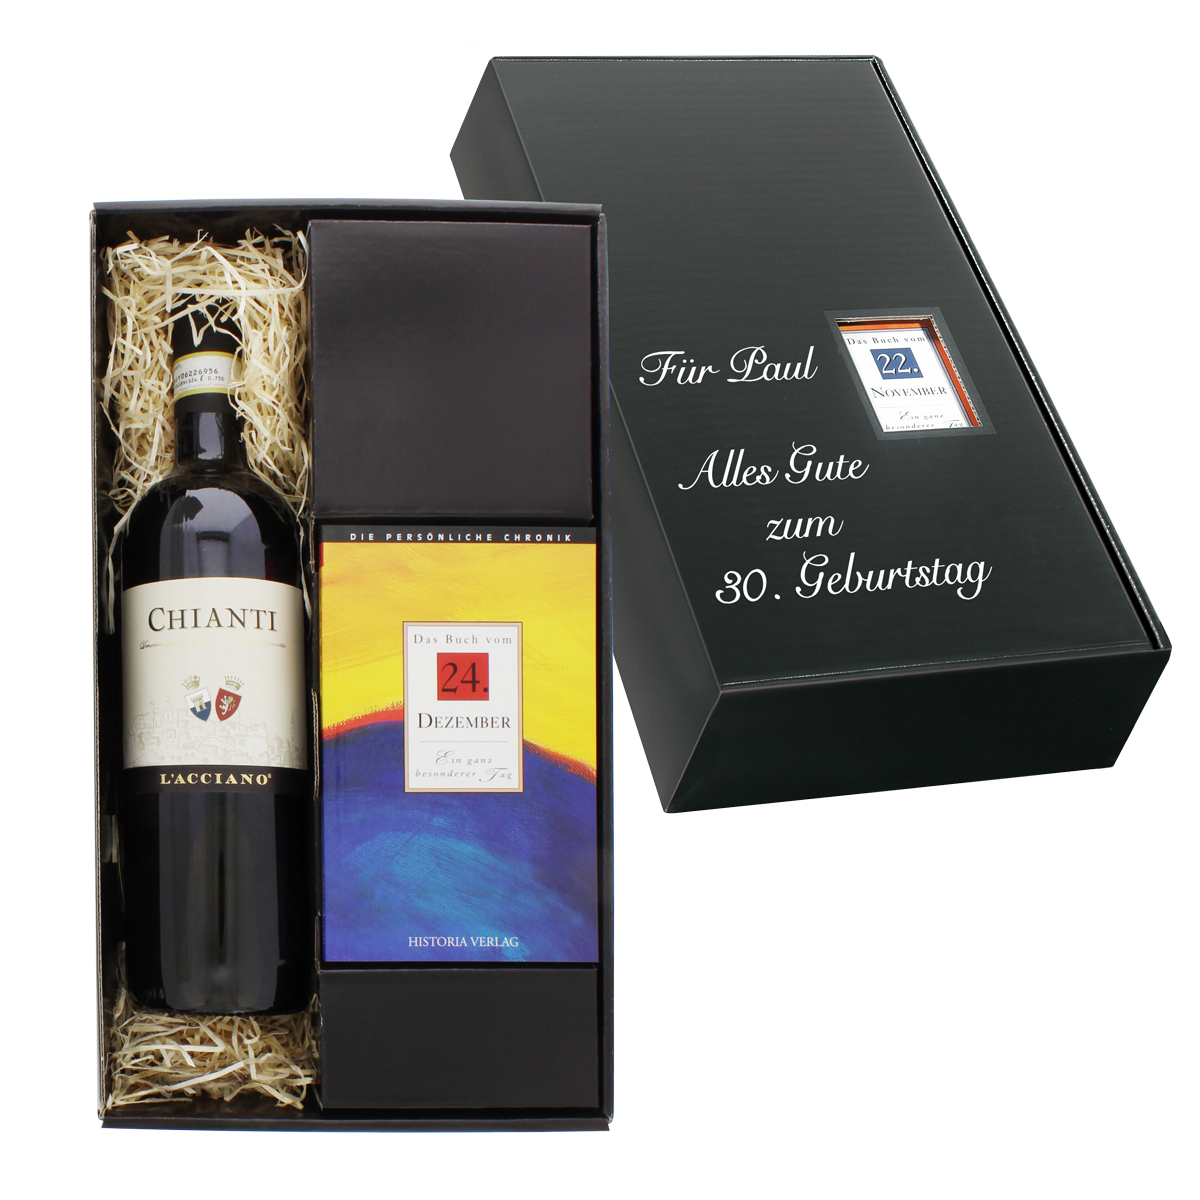 Italien-Set: Tageschronik vom 10. November & Chianti-Wein